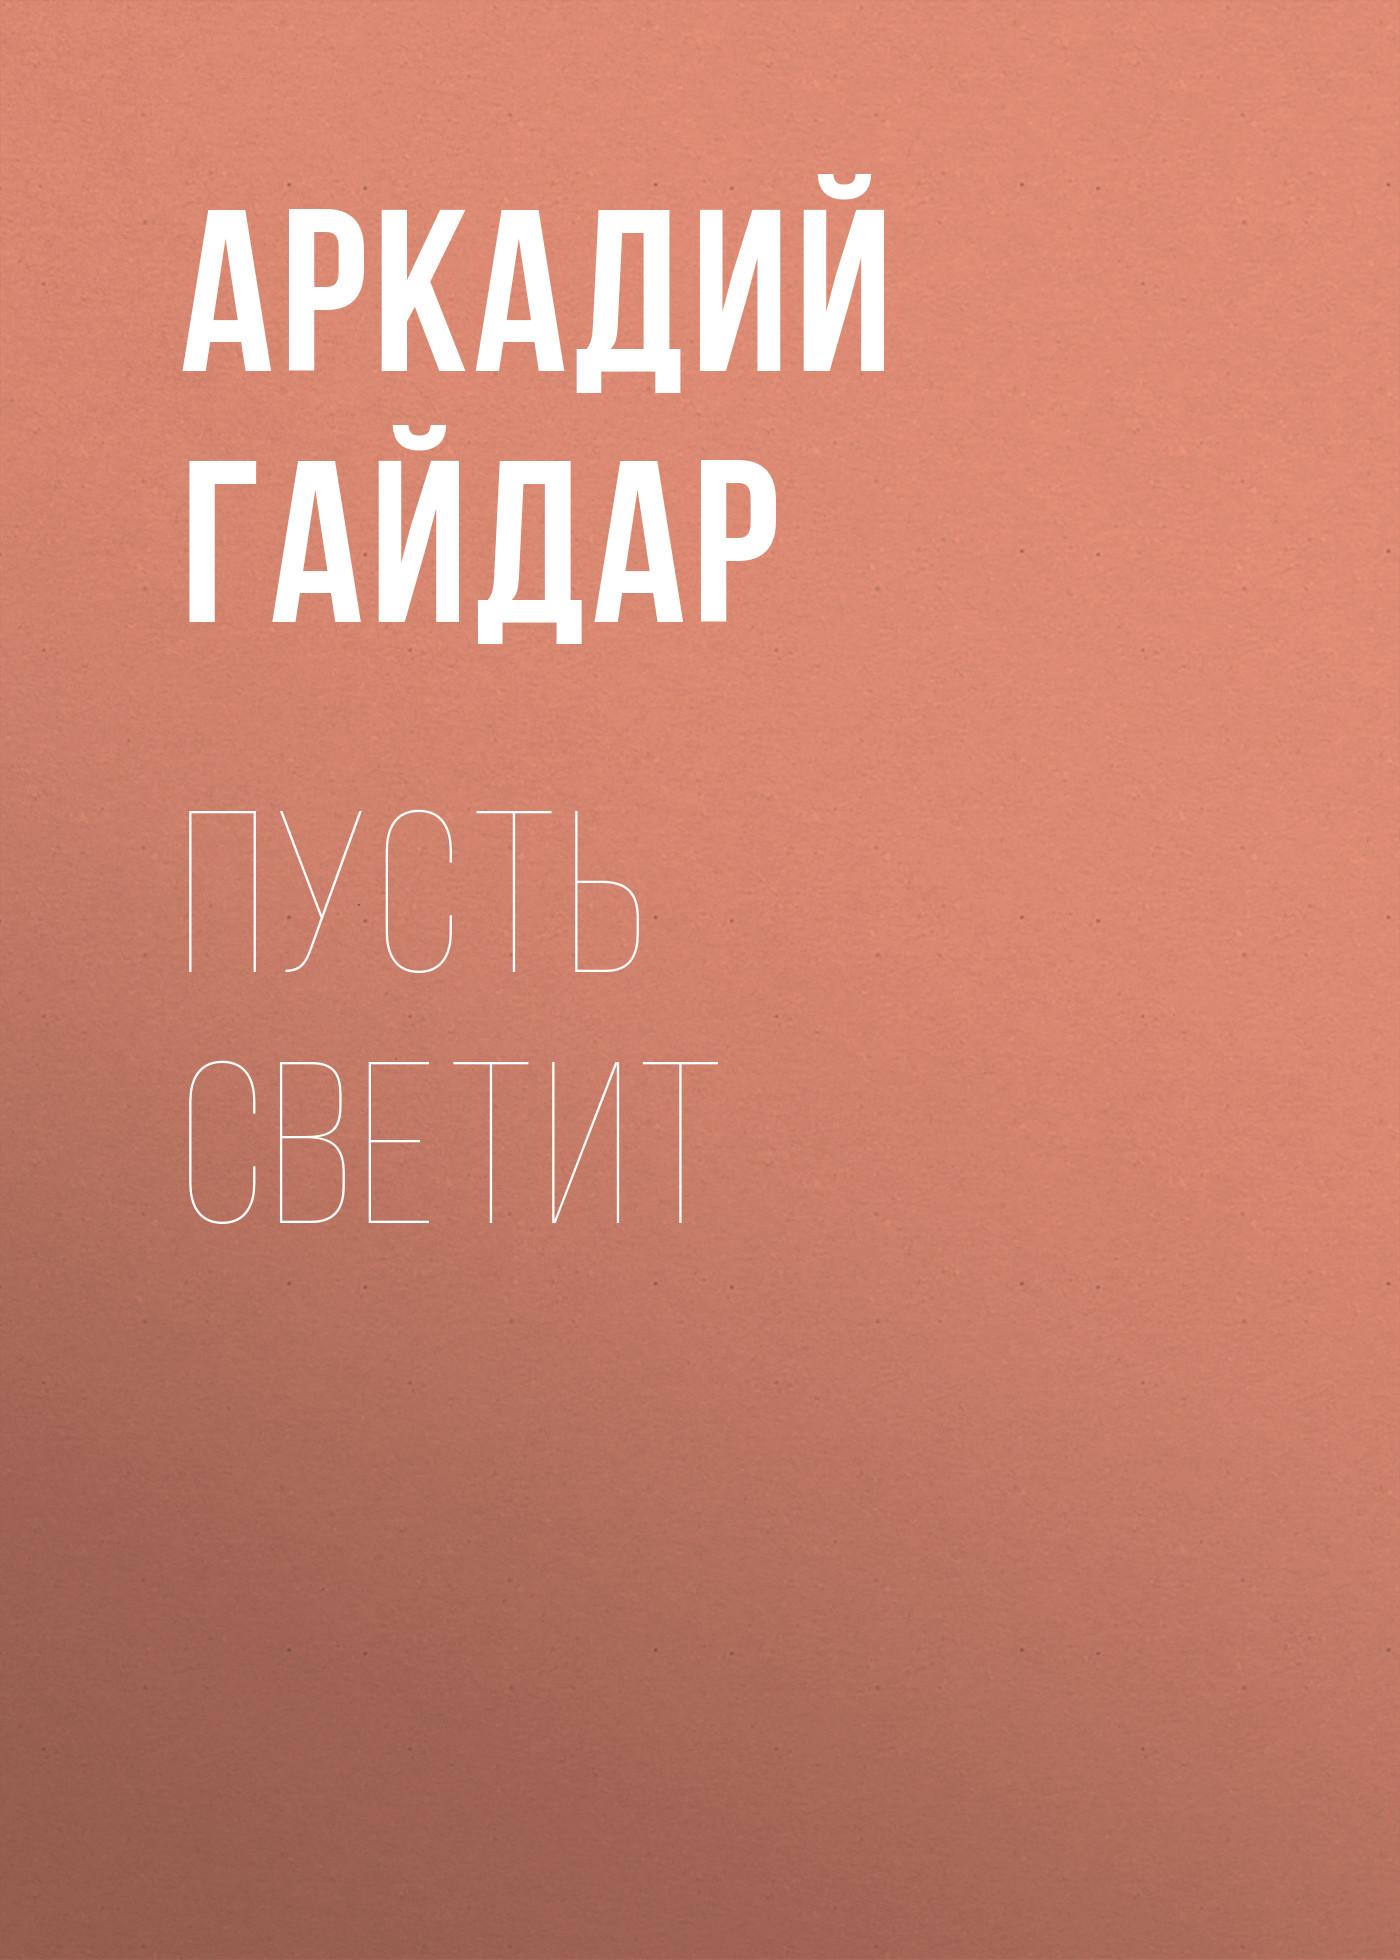 Купить книгу Пусть светит, автора Аркадия Гайдара